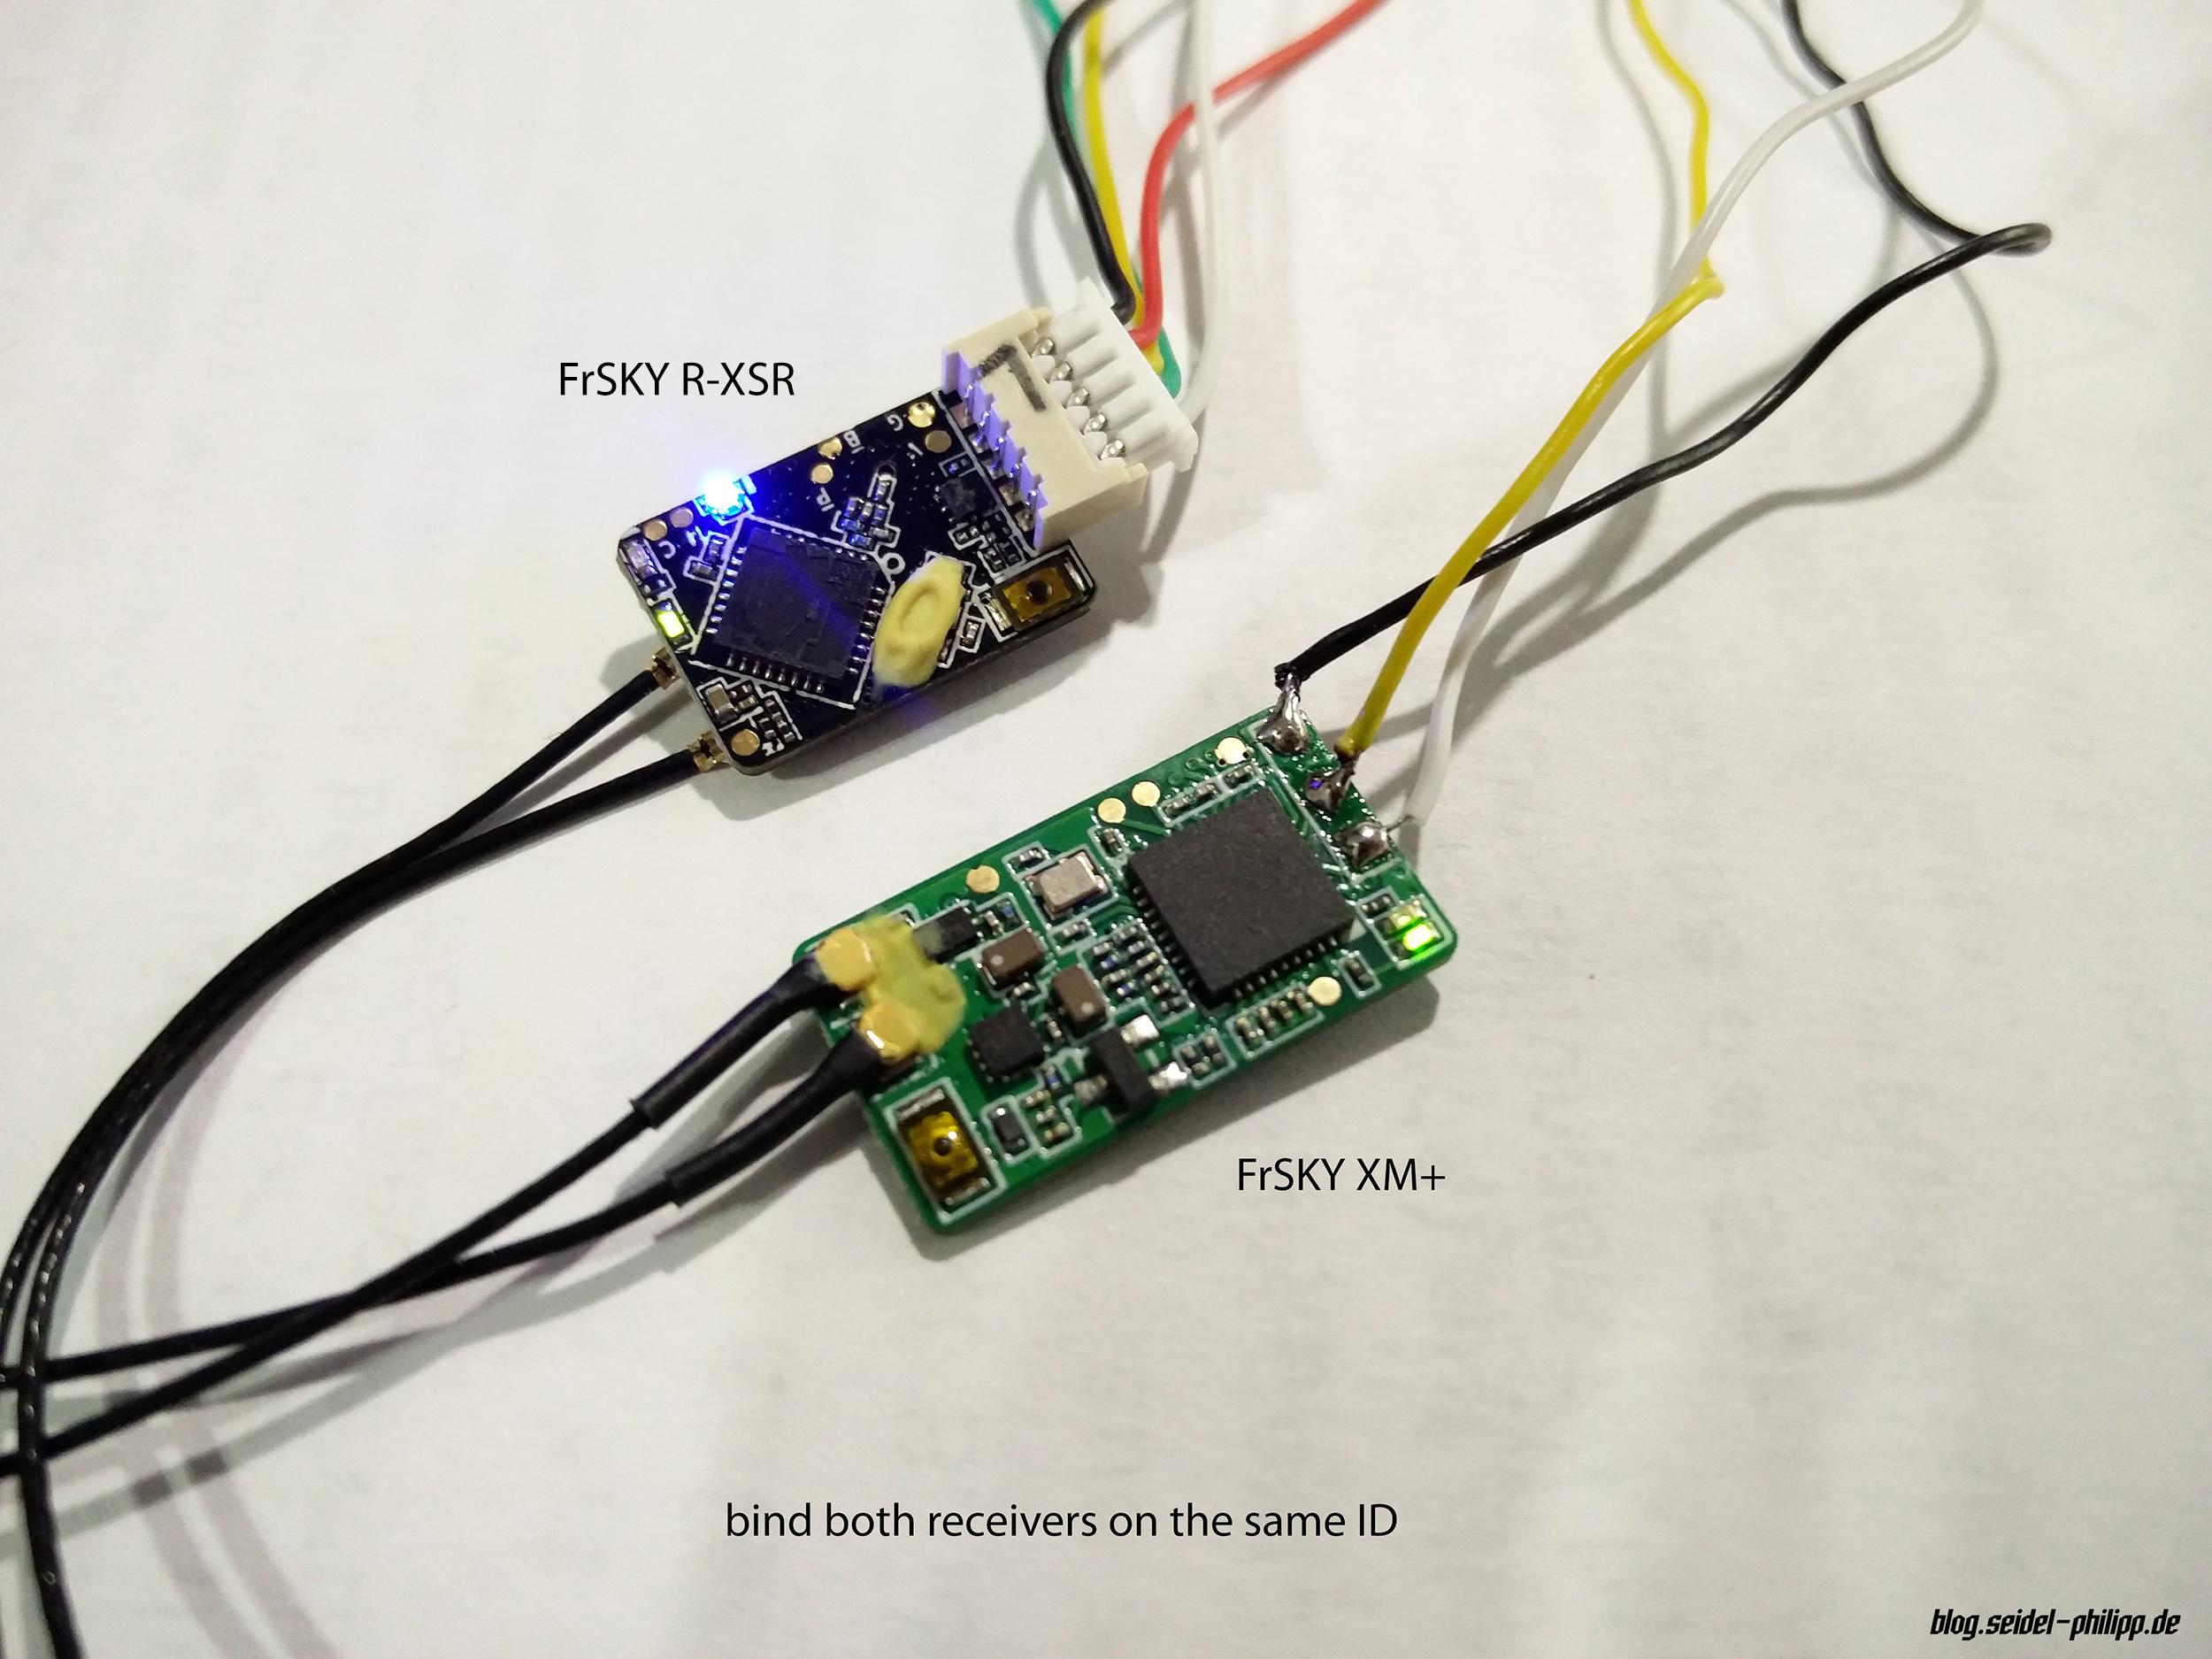 FrSky R-XSR - smallest full range receiver with telemetry